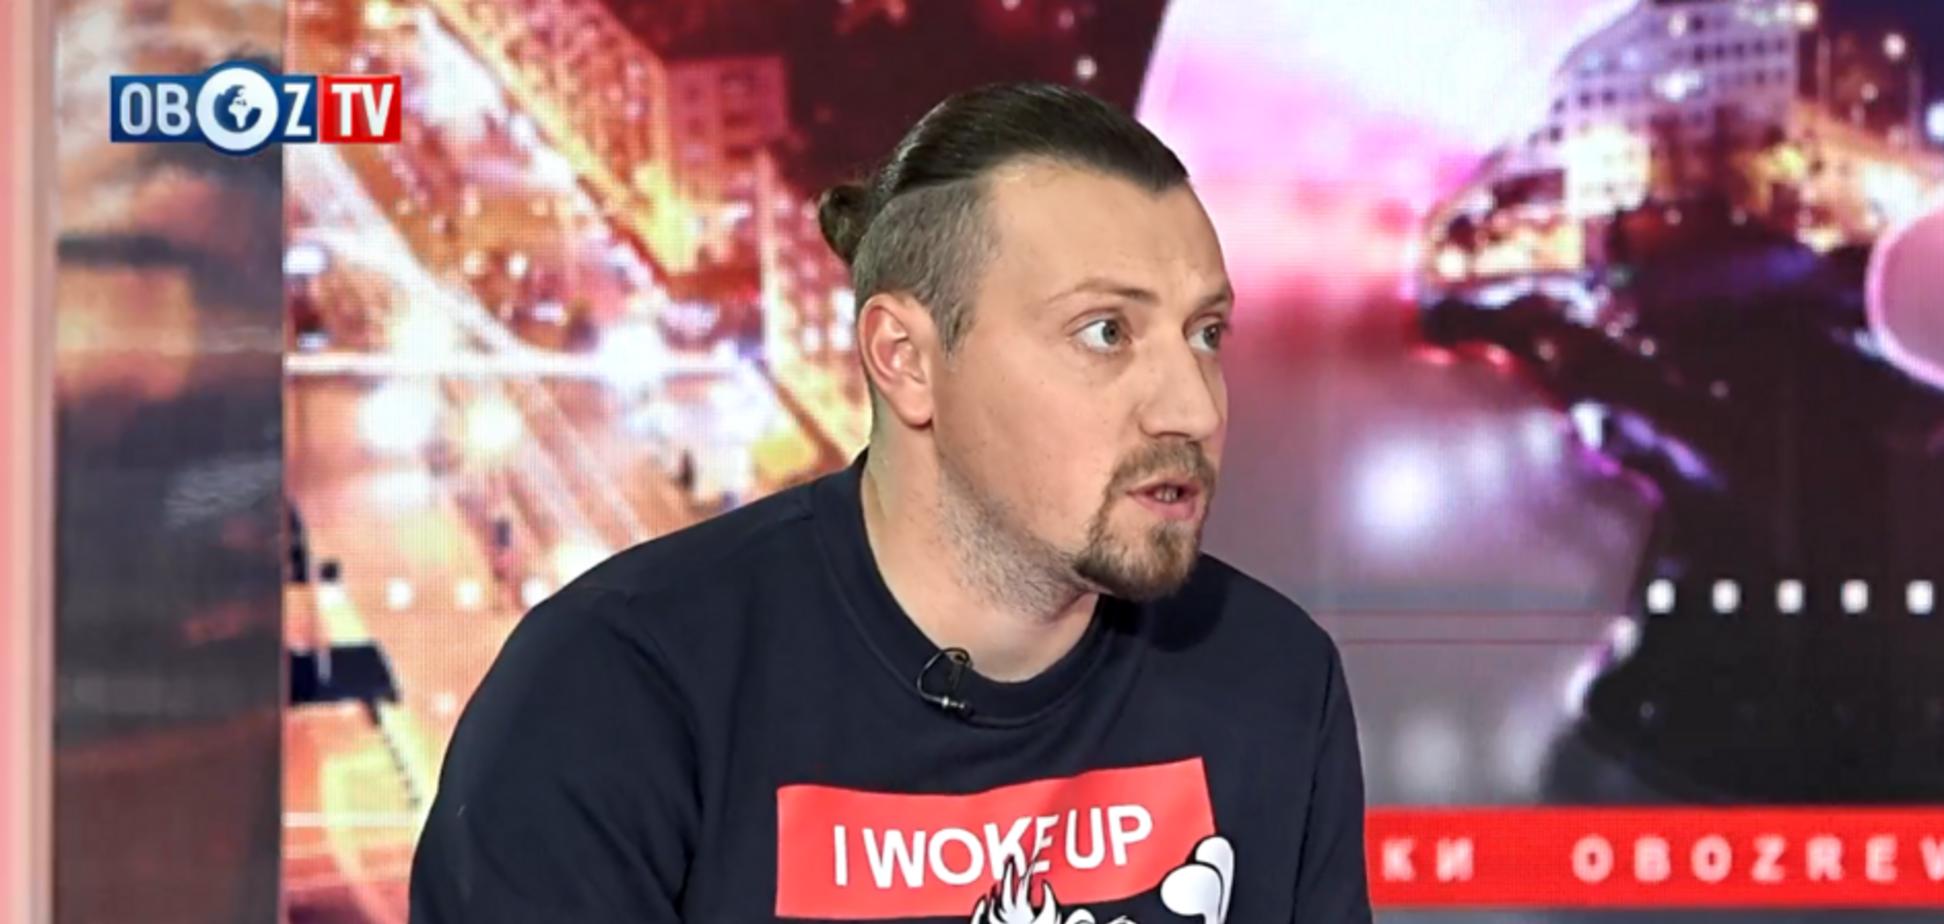 Децентралізація в Україні: у 'Слузі народу' пояснили ключове нововведення